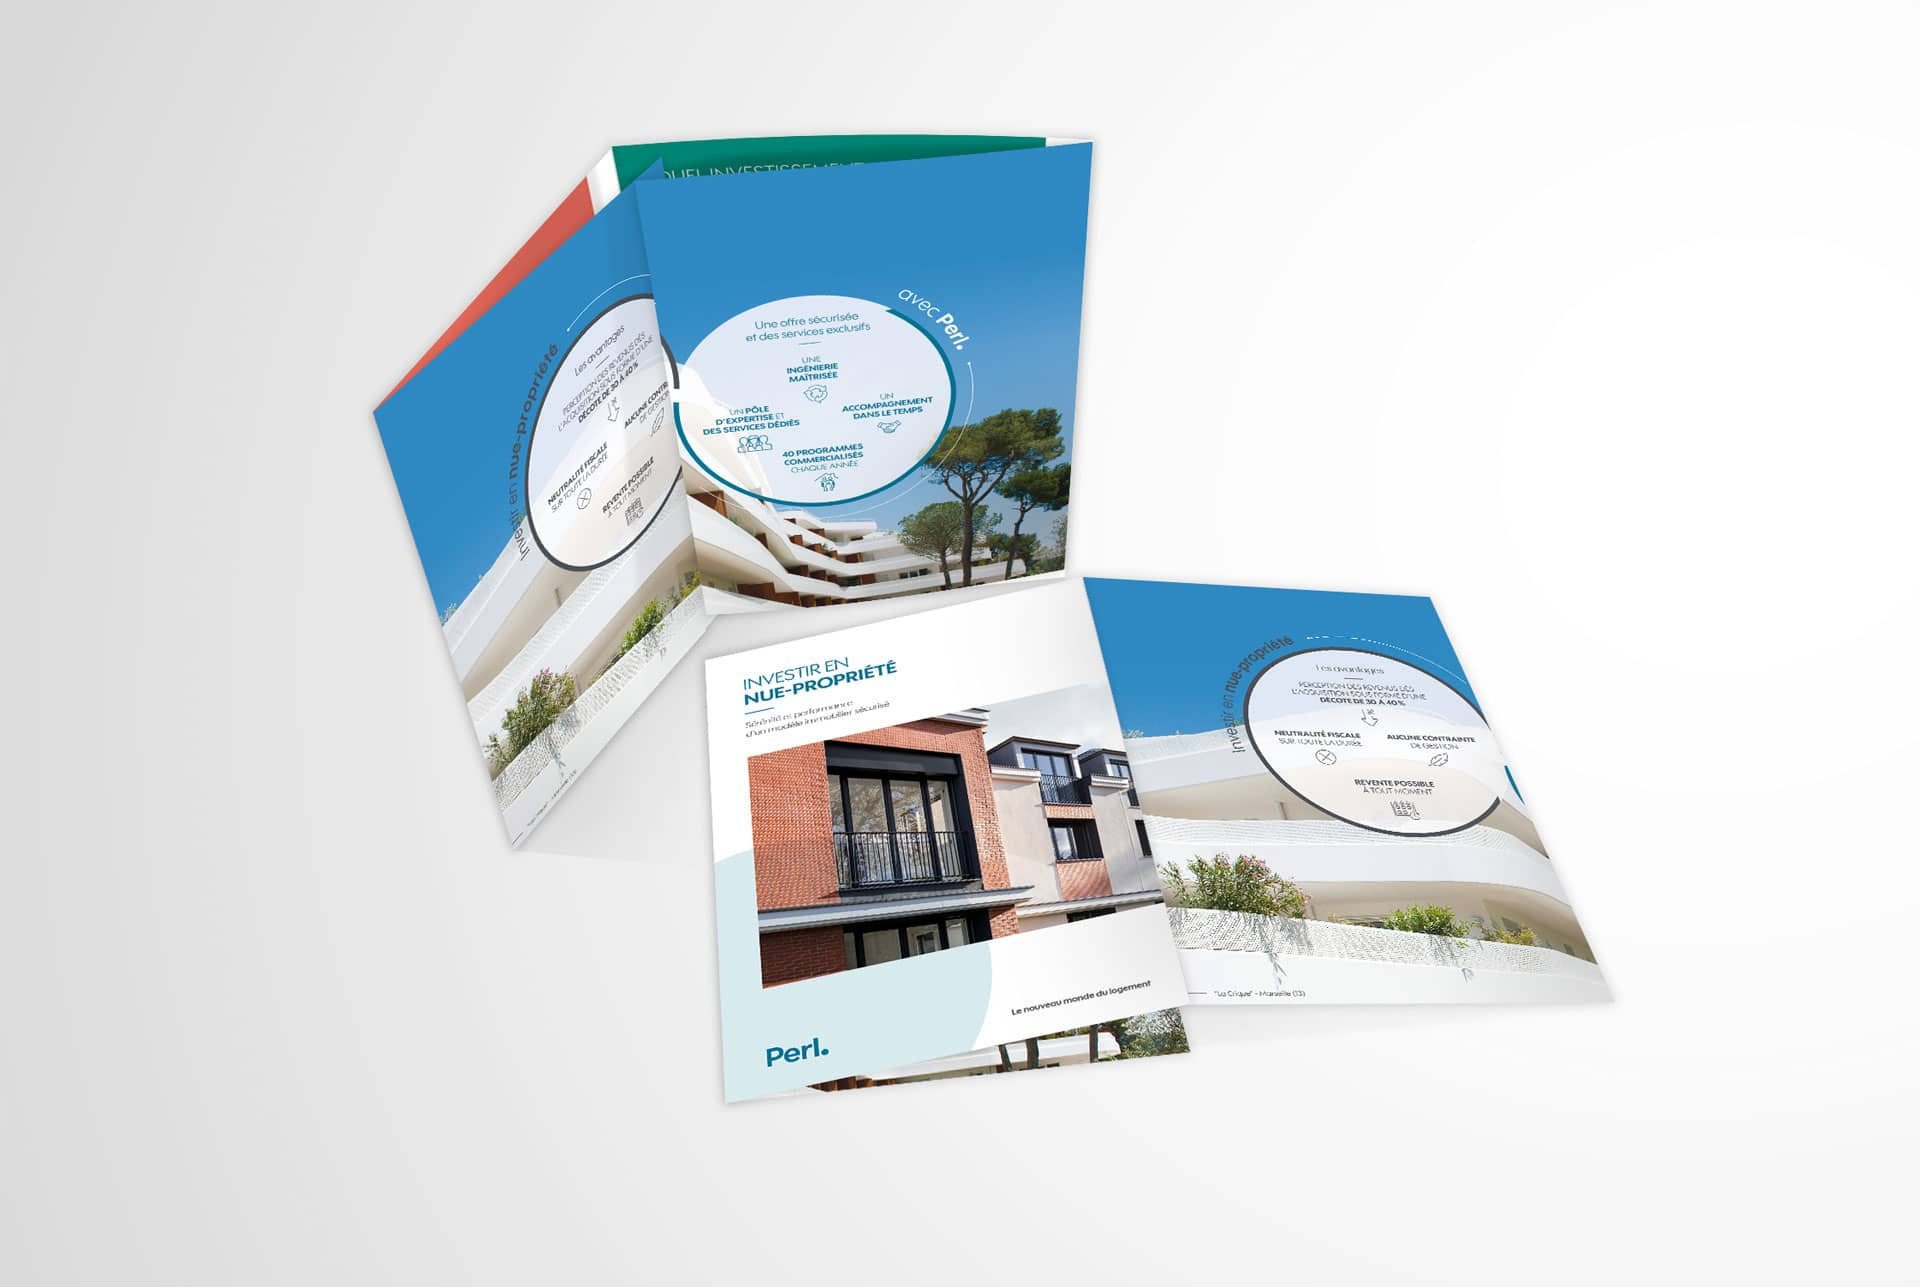 Brochure du kit commerciale support print du groupe immobilier Perl, réalisée par l'agence de communication web agile Siouxe à Paris.